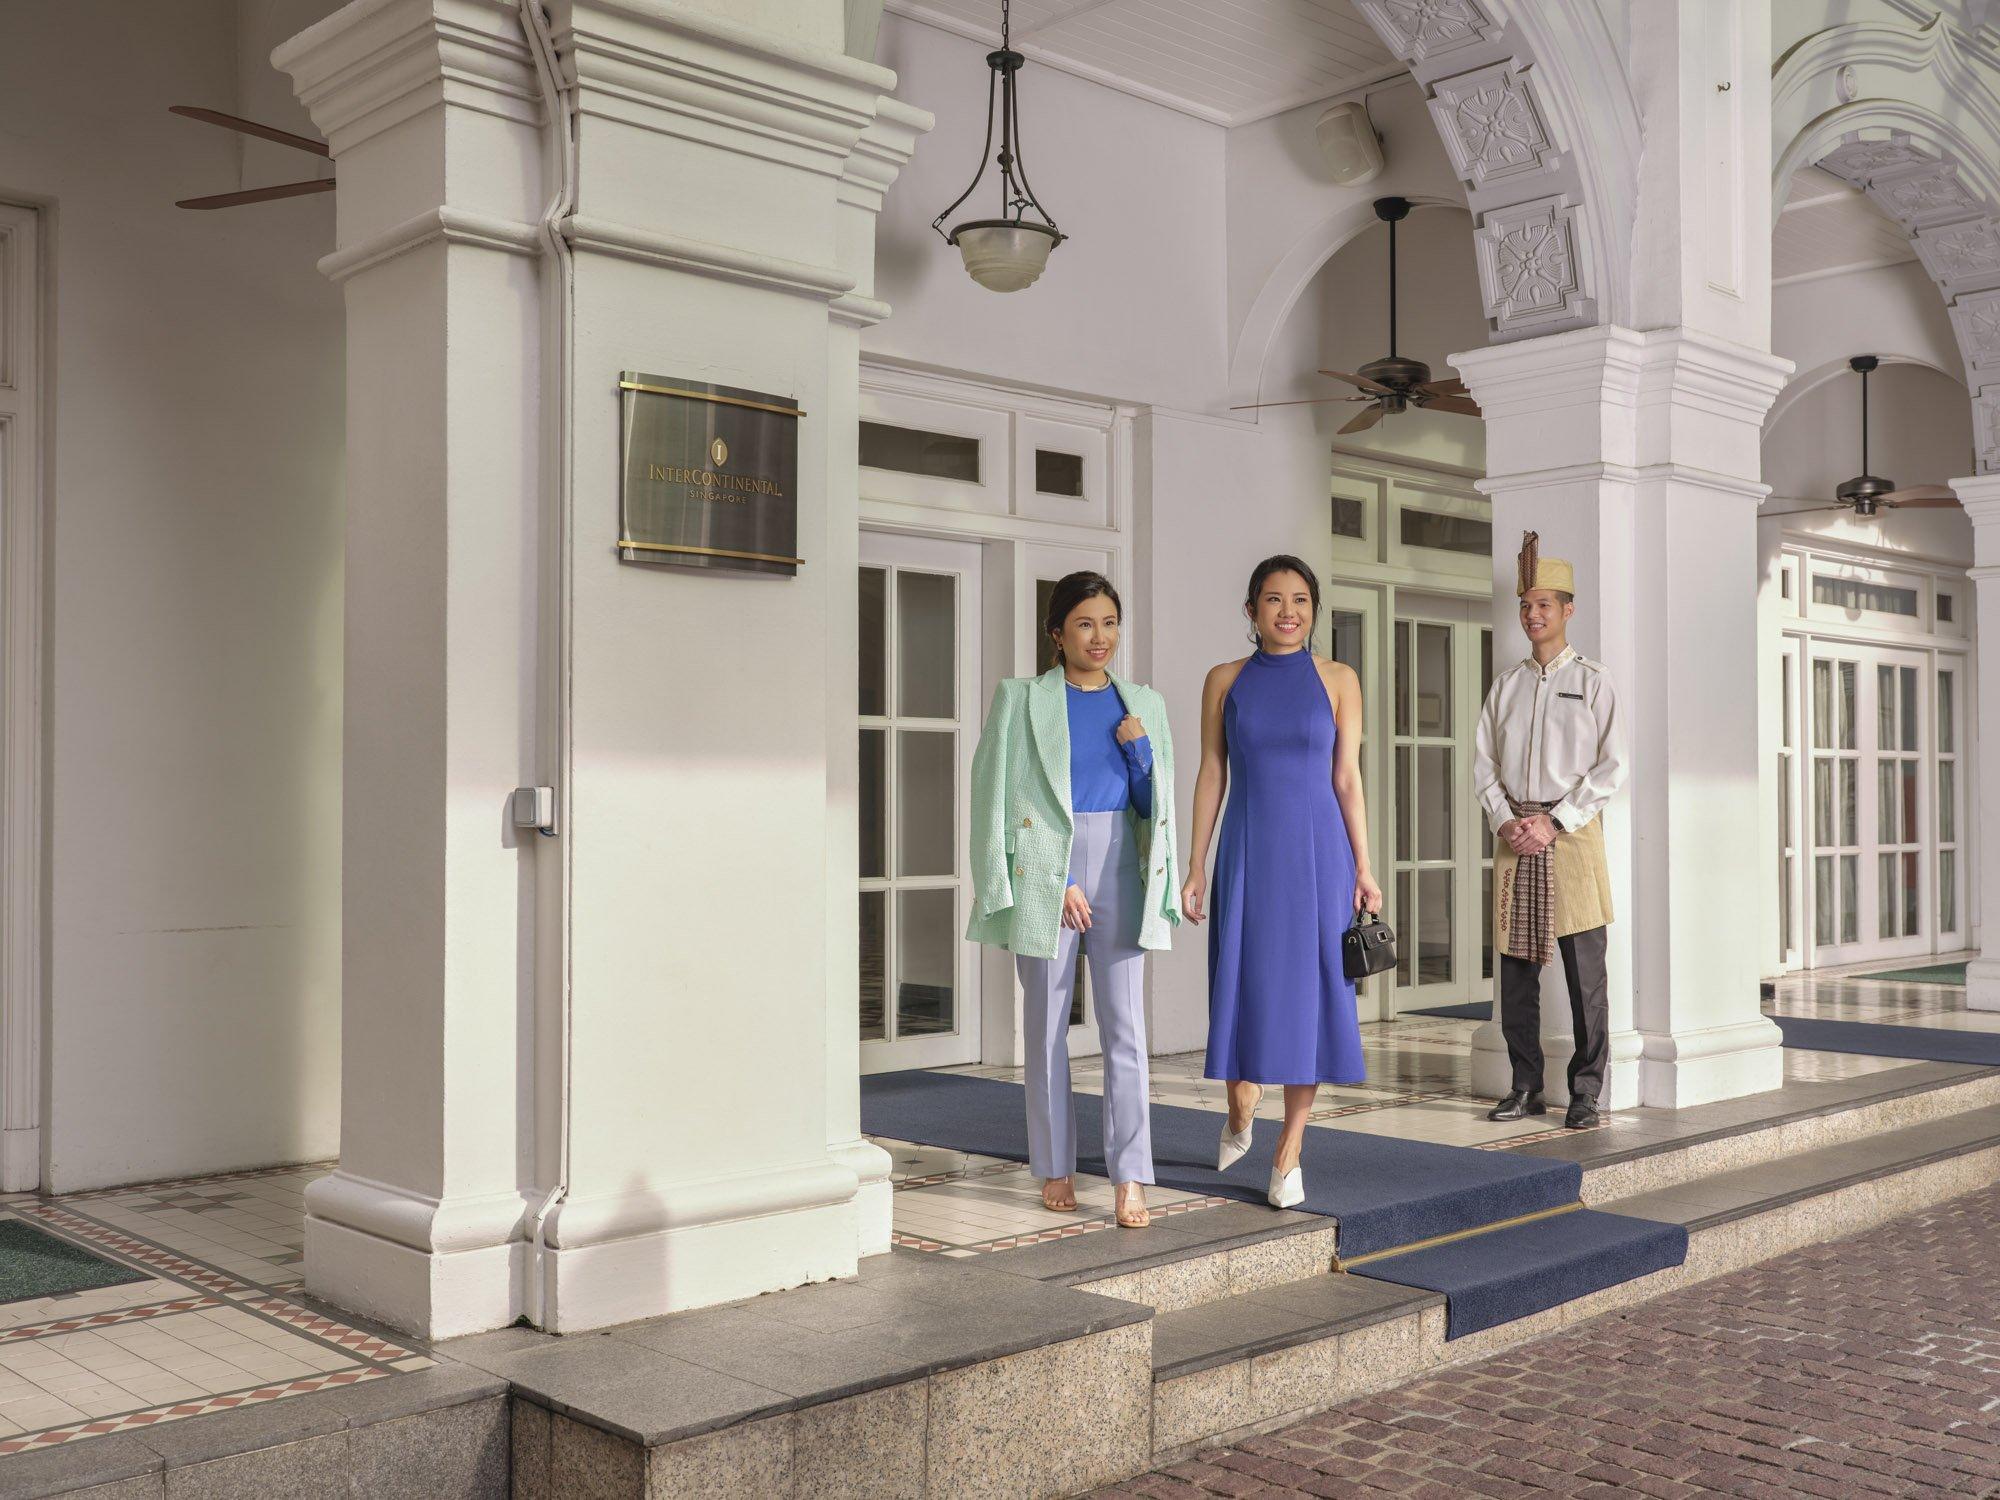 Intercontinental Singapore Hospitality Commercial Lifestyle Photoshoot Jose Jeuland 7